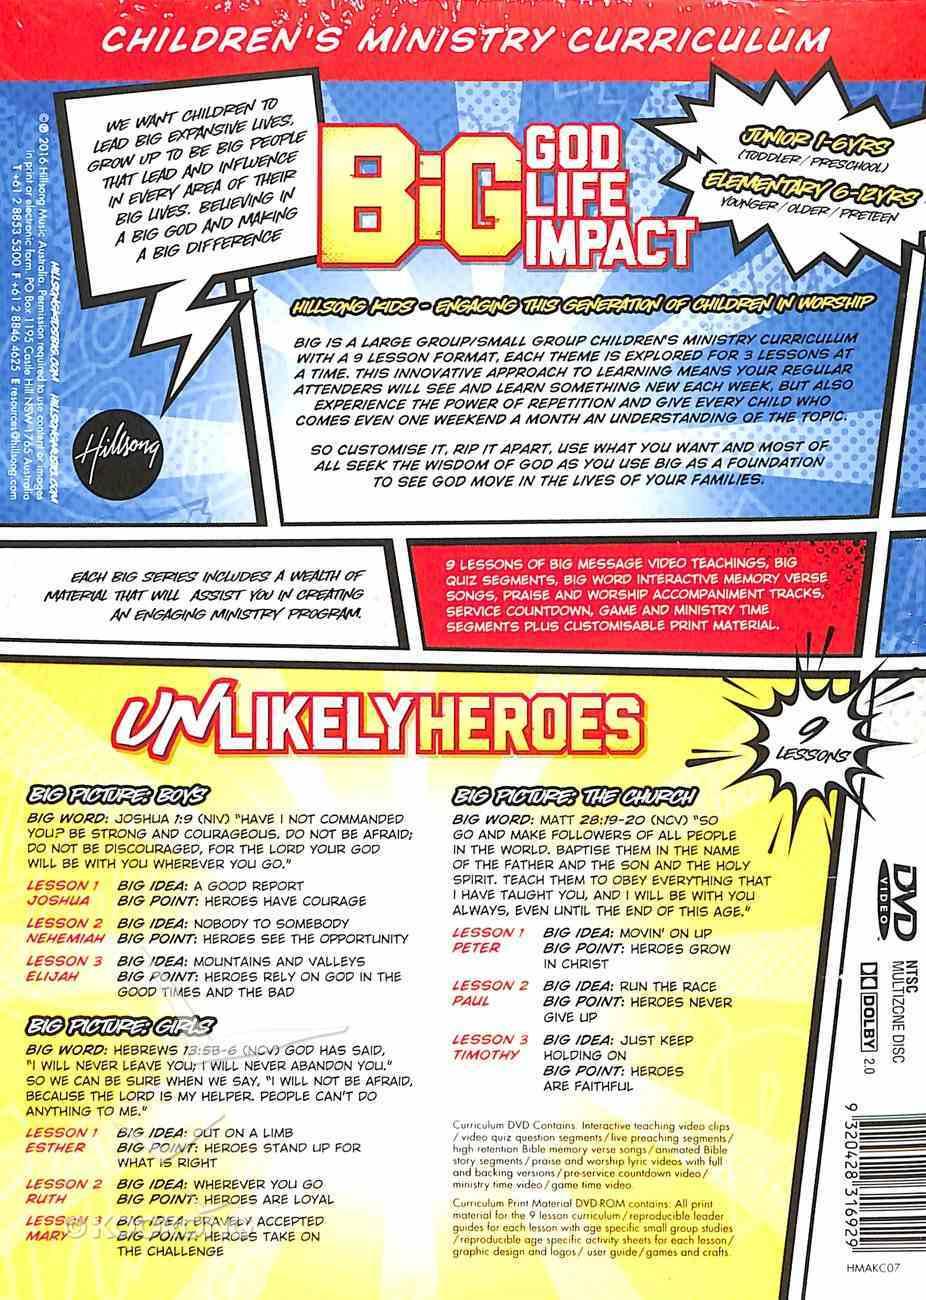 Big Unlikely Heroes (Junior 1-6 Yrs - Elementary 6-12 Yrs) (Pack) (Hillsong Kids Big Curriculum Series) Pack